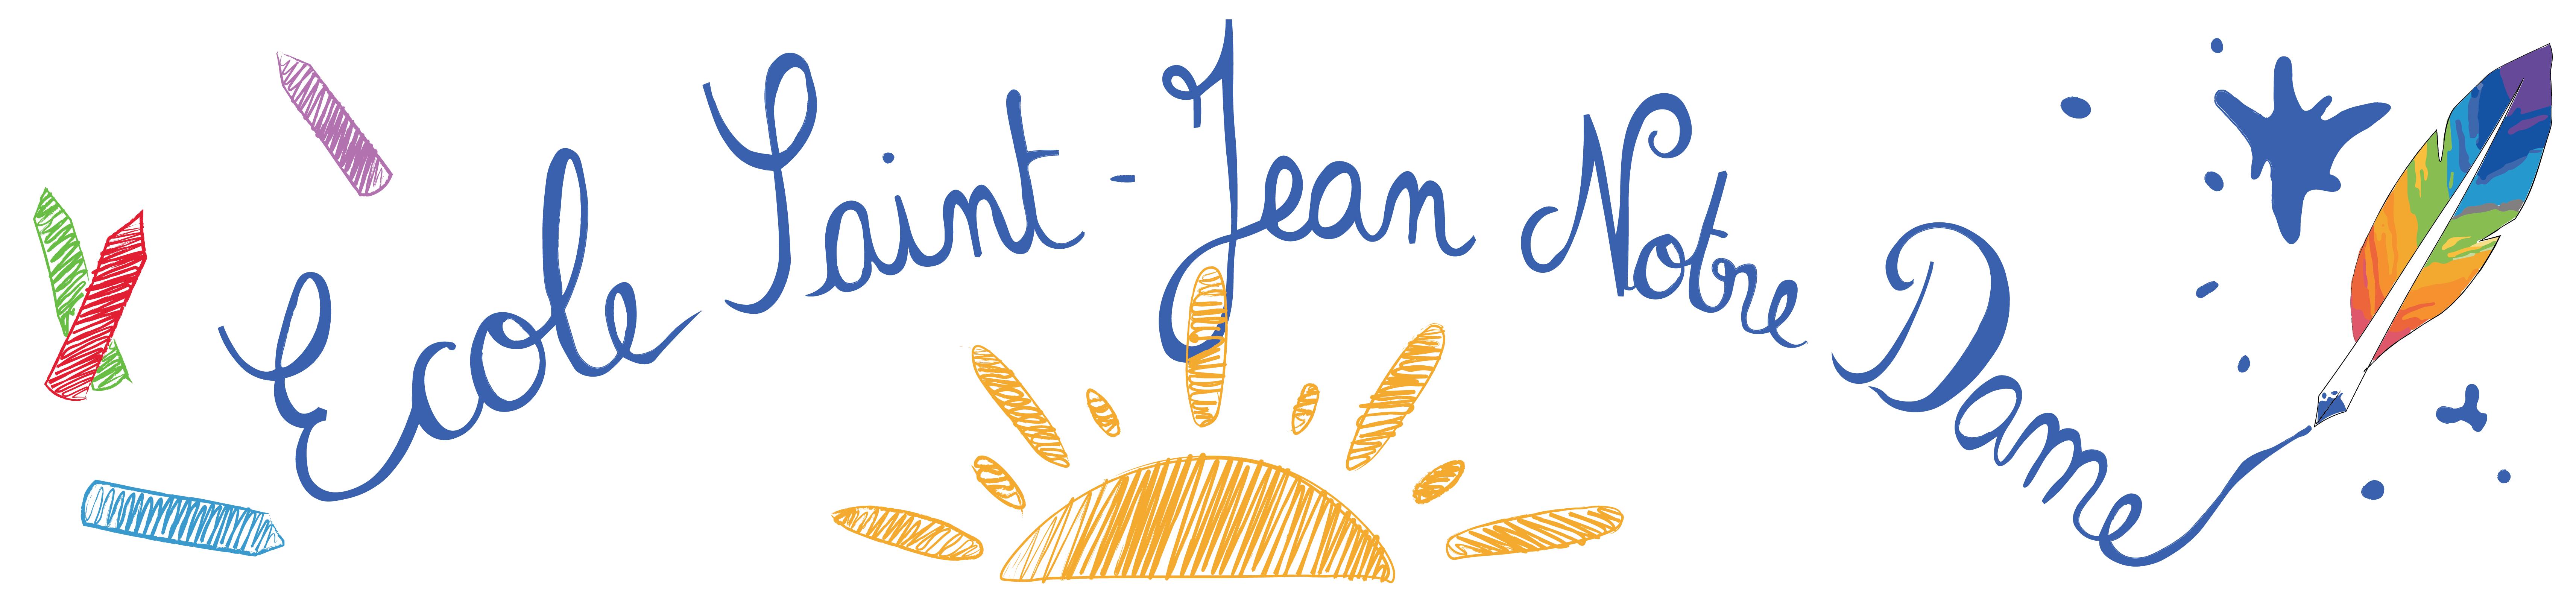 Bienvenue sur le site de l'Ecole Saint Jean Notre Dame